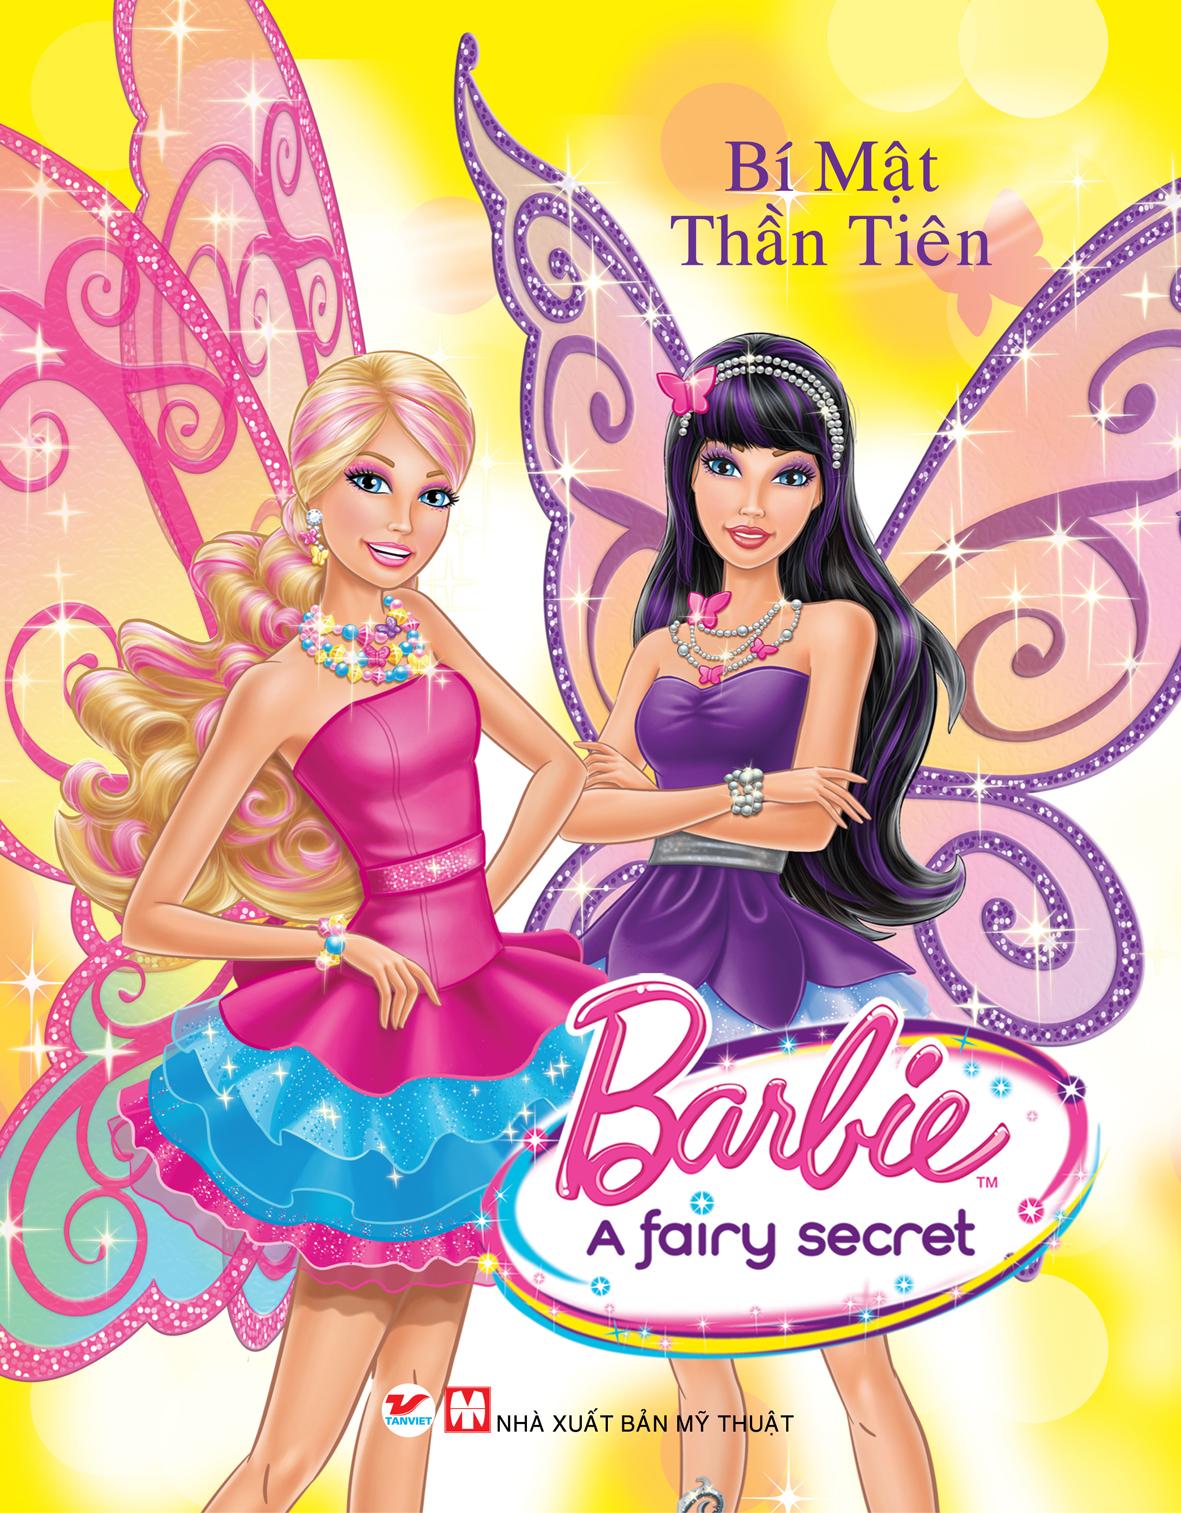 Truyện Tranh Công Chúa Barbie - Bí Mật Thần Tiên - 9786047810062,62_102873,25000,tiki.vn,Truyen-Tranh-Cong-Chua-Barbie-Bi-Mat-Than-Tien-62_102873,Truyện Tranh Công Chúa Barbie - Bí Mật Thần Tiên